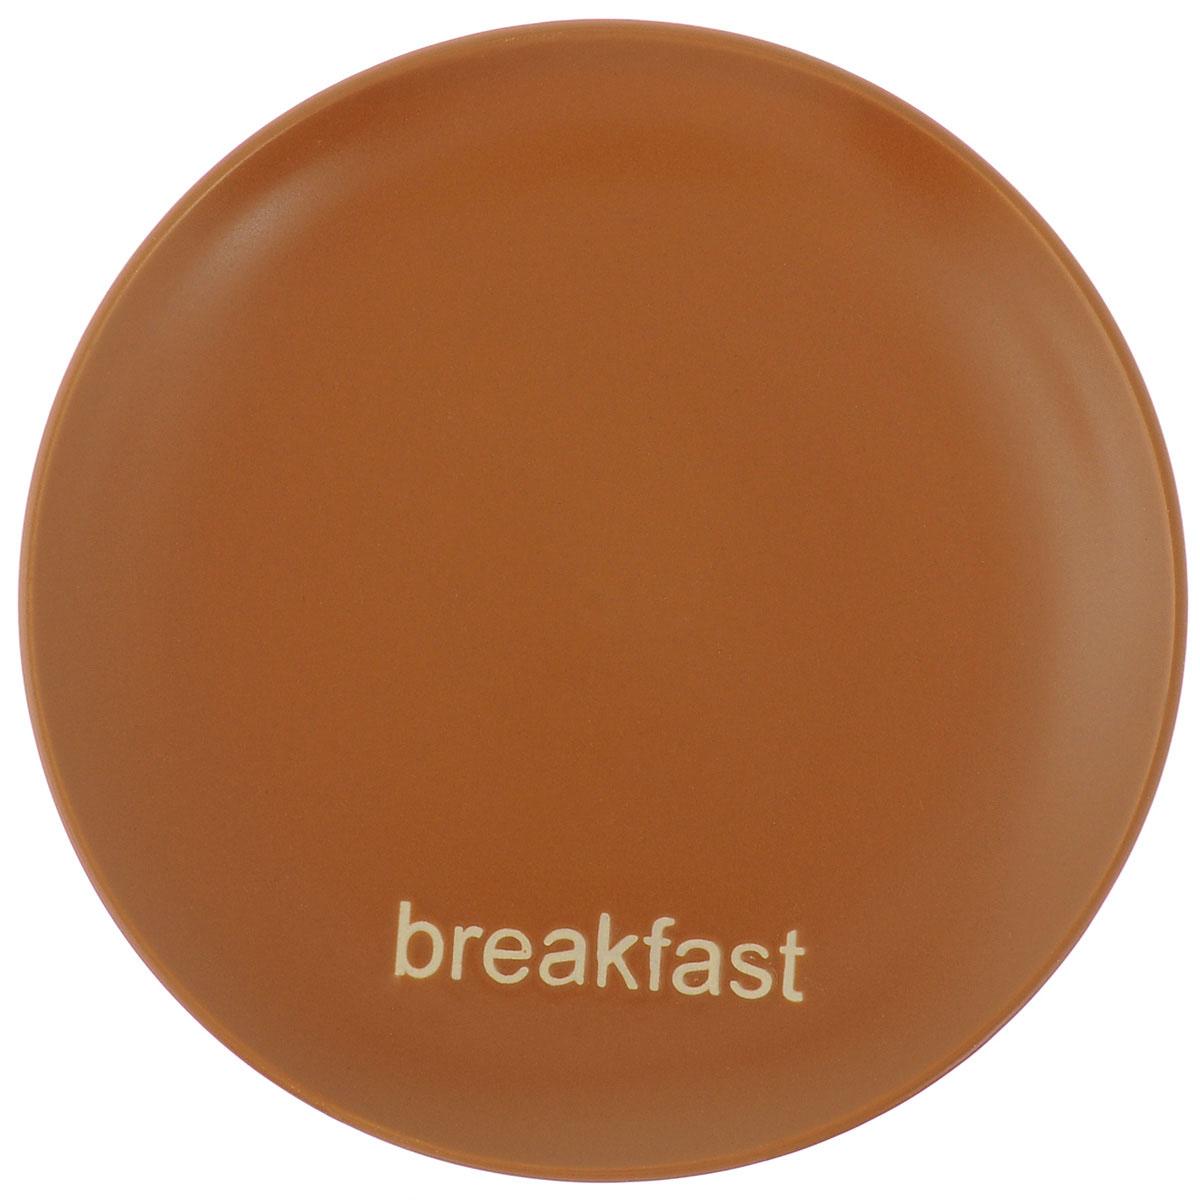 Тарелка Wing Star Breakfast, цвет: коричневый, диаметр 18 смLJ2085-MPB21Тарелка Wing Star Breakfast изготовлена из высококачественной керамики. Предназначена для красивой подачи завтраков. Изделие украшено надписью Breakfast. Такая тарелка украсит сервировку стола и подчеркнет прекрасный вкус хозяйки. Можно мыть в посудомоечной машине и использовать в микроволновой печи. Диаметр: 18 см. Высота: 2 см.